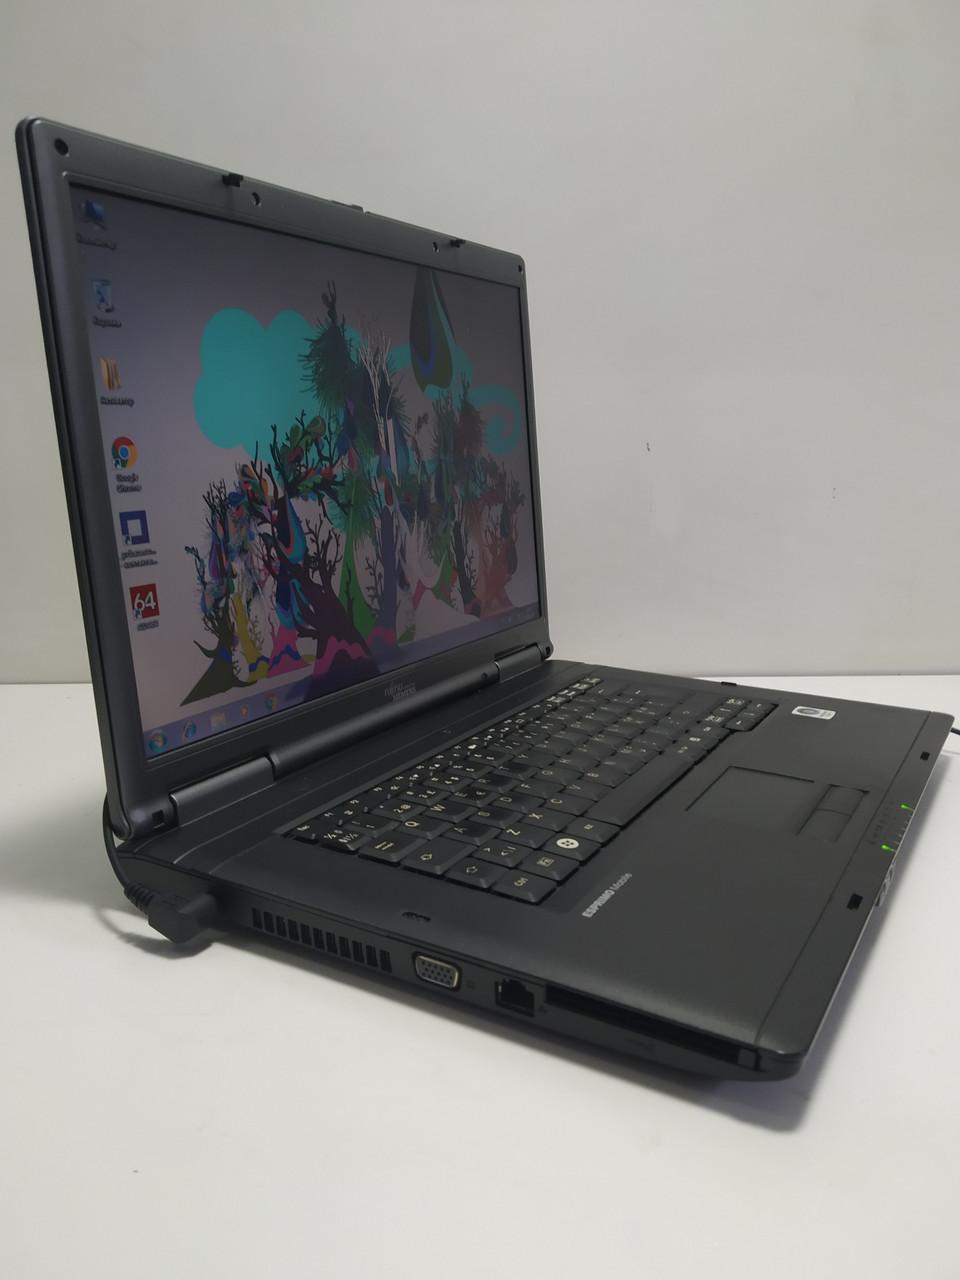 """15.4"""" Fujitsu Esprimo V5535\ Intel 2 ядра T7300 2.0 \ 2 ГБ DDR2 \ 160 ГБ HDD\ Батарея до 3 часов\ НЕ США"""